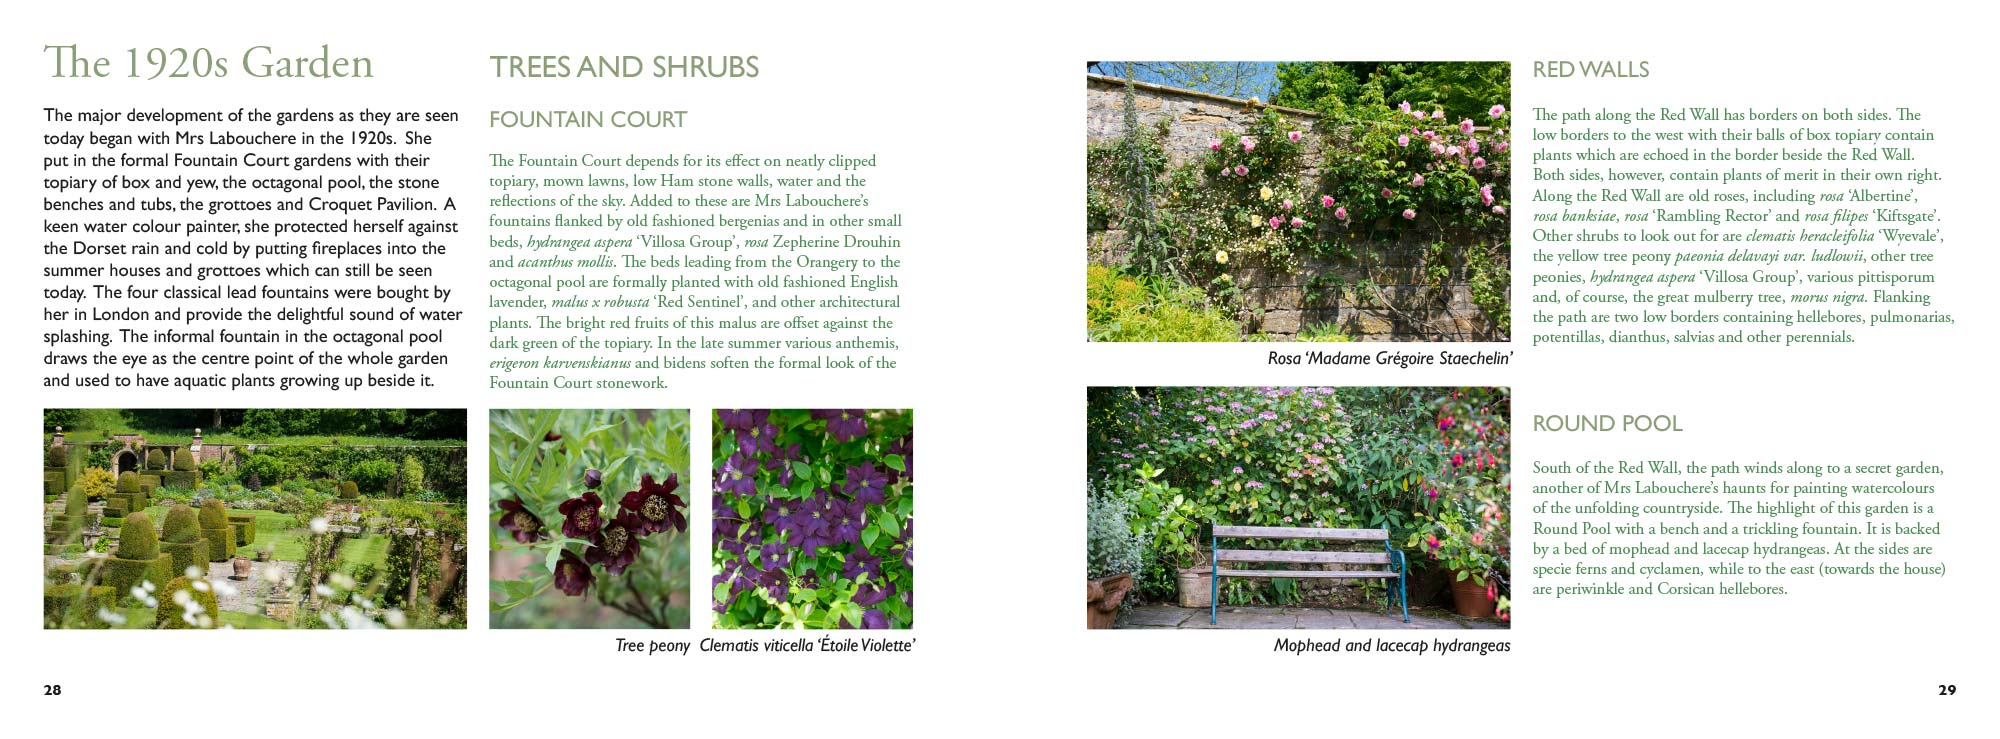 Mapperton Guidebook example of gardens spread